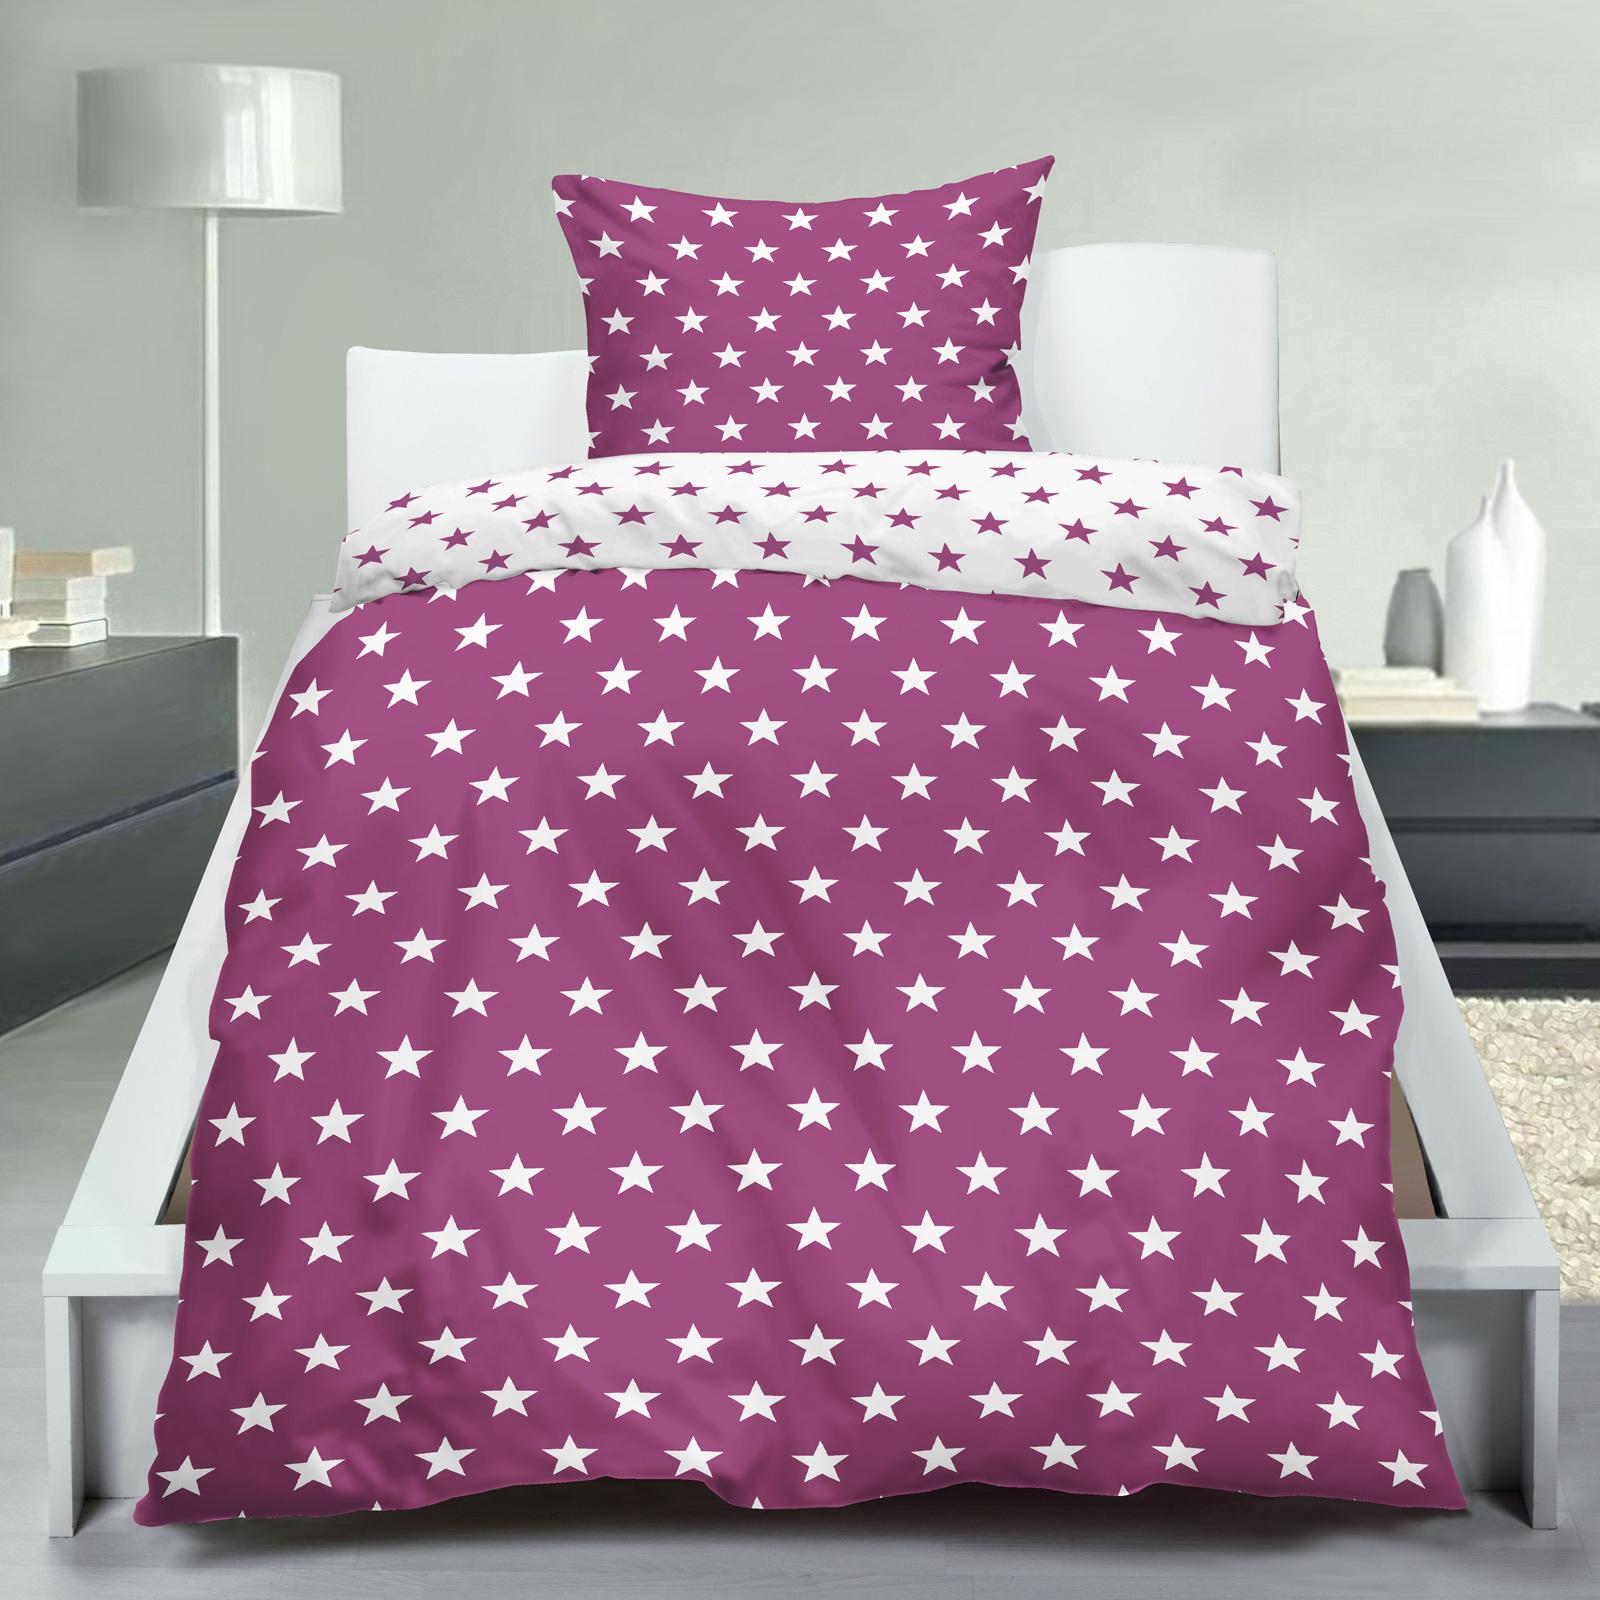 wende bettw sche stars sterne beere 135x200 80x80. Black Bedroom Furniture Sets. Home Design Ideas